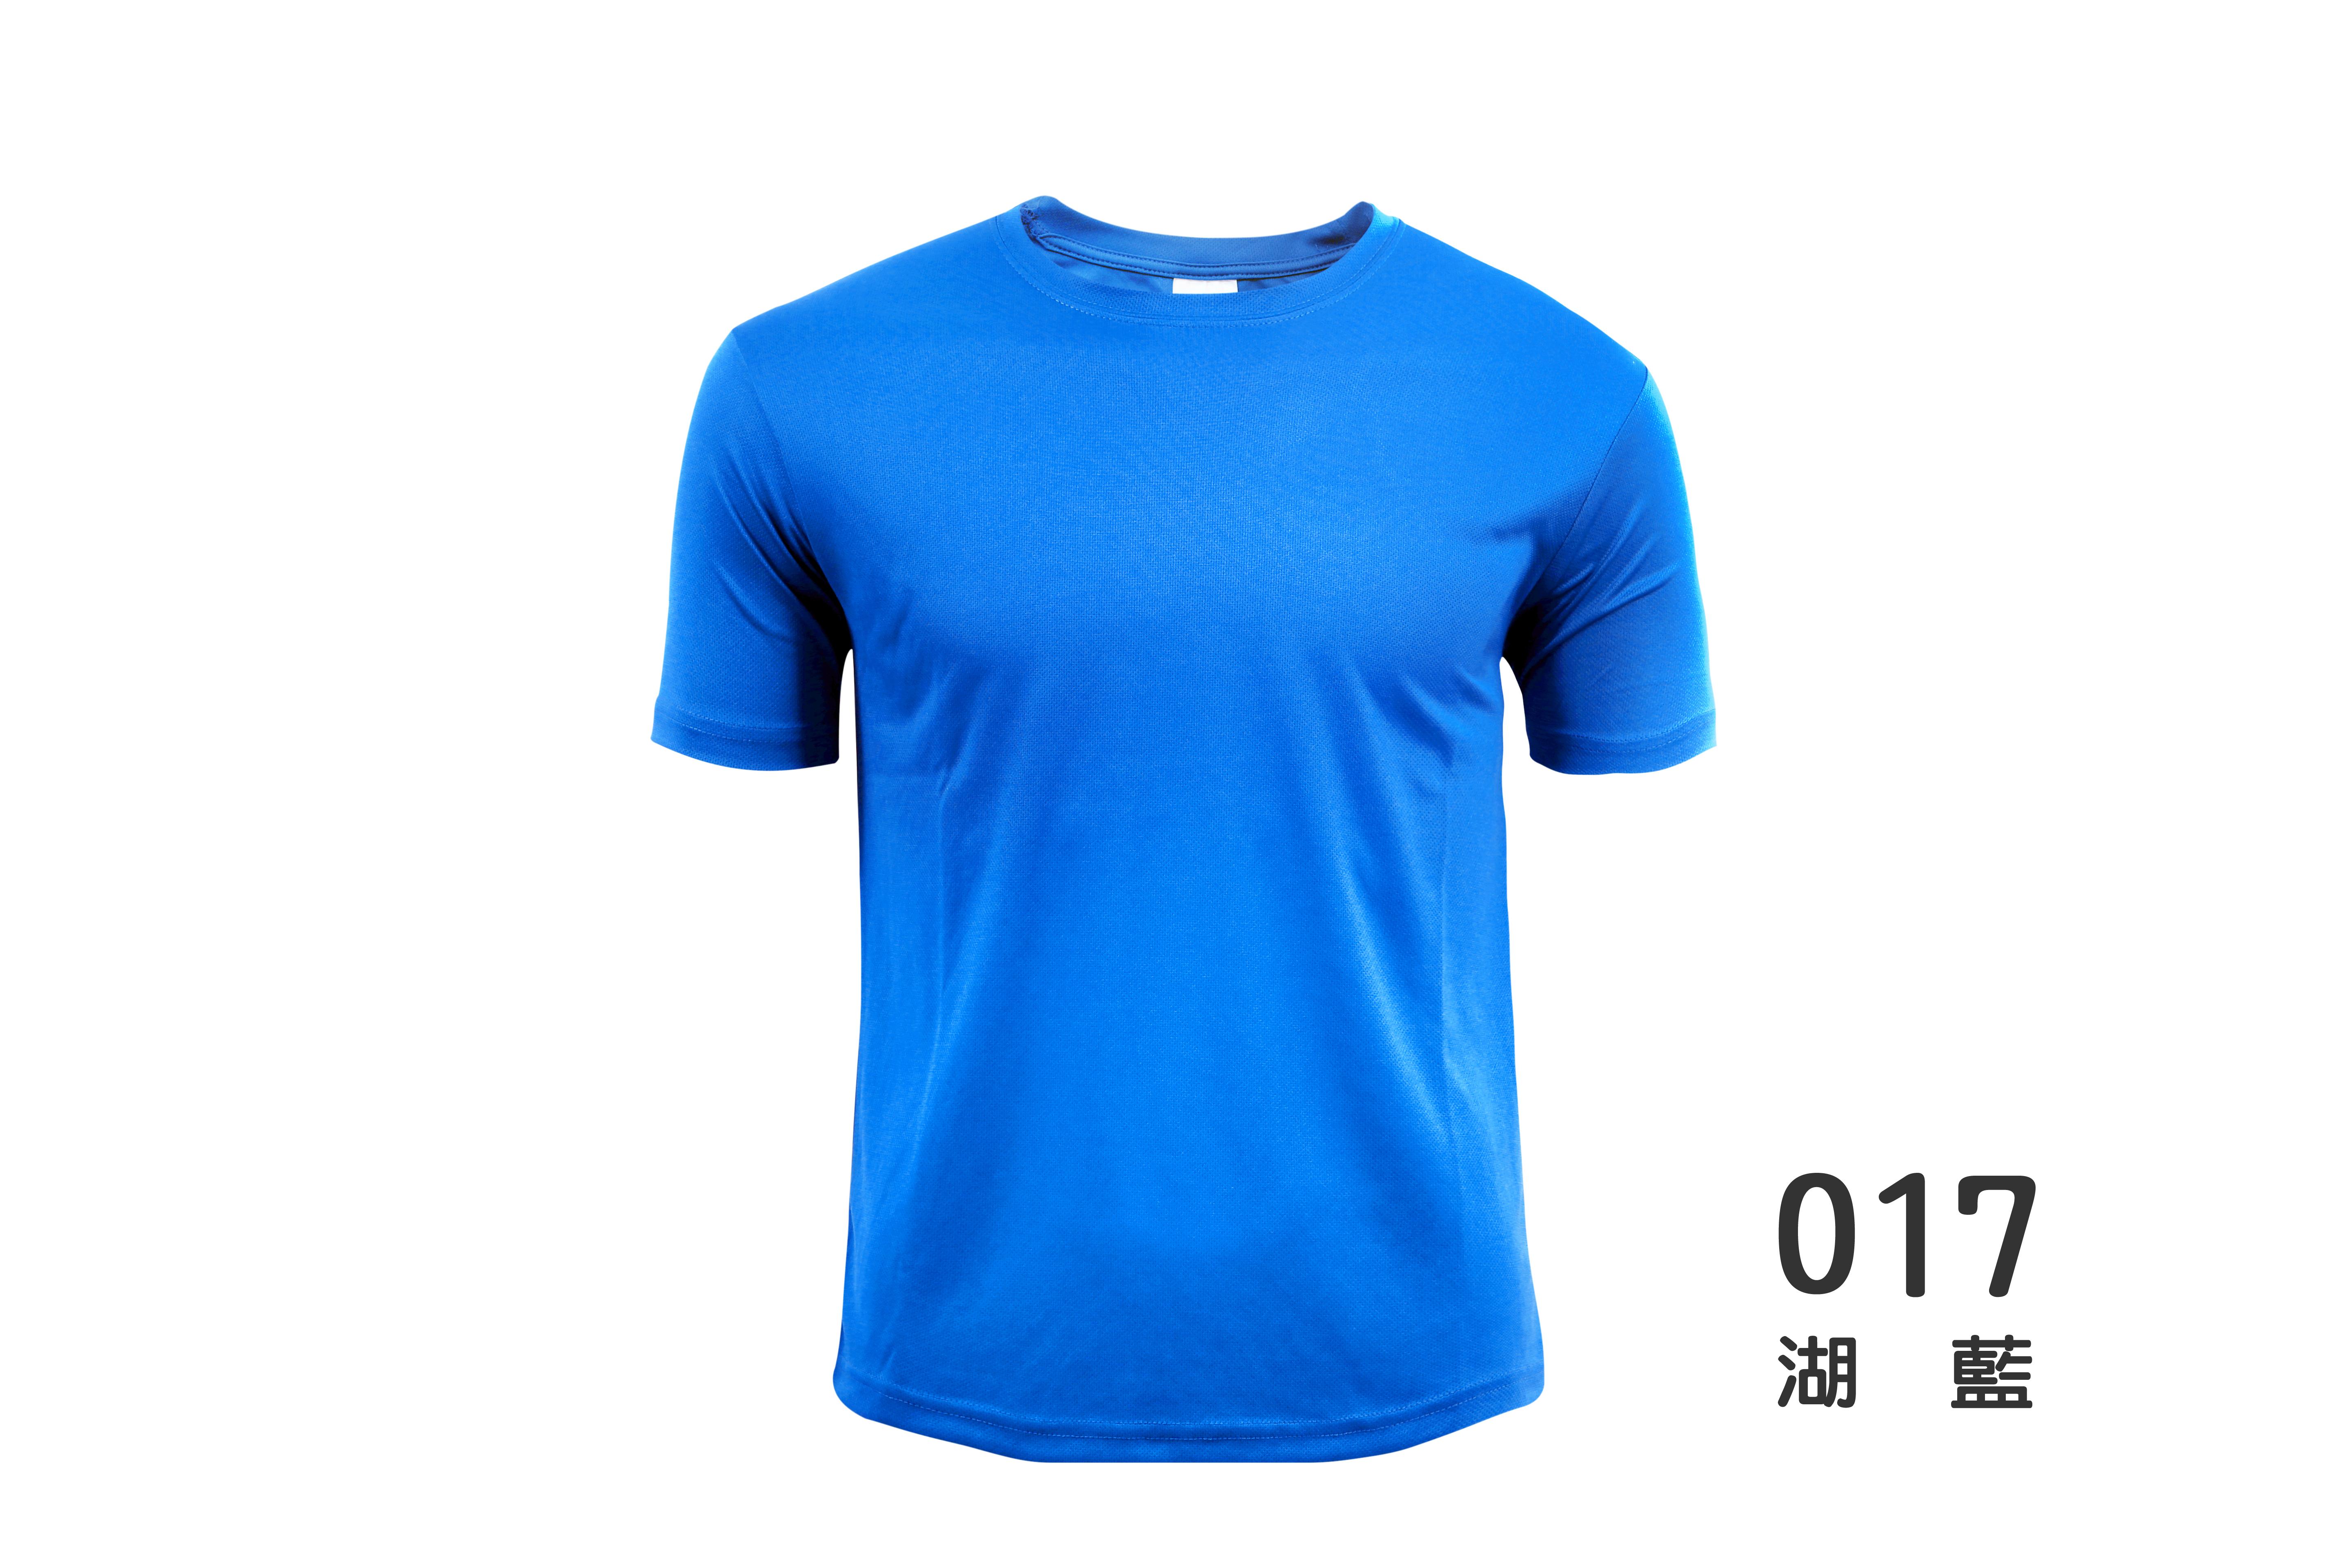 017湖藍-1-01